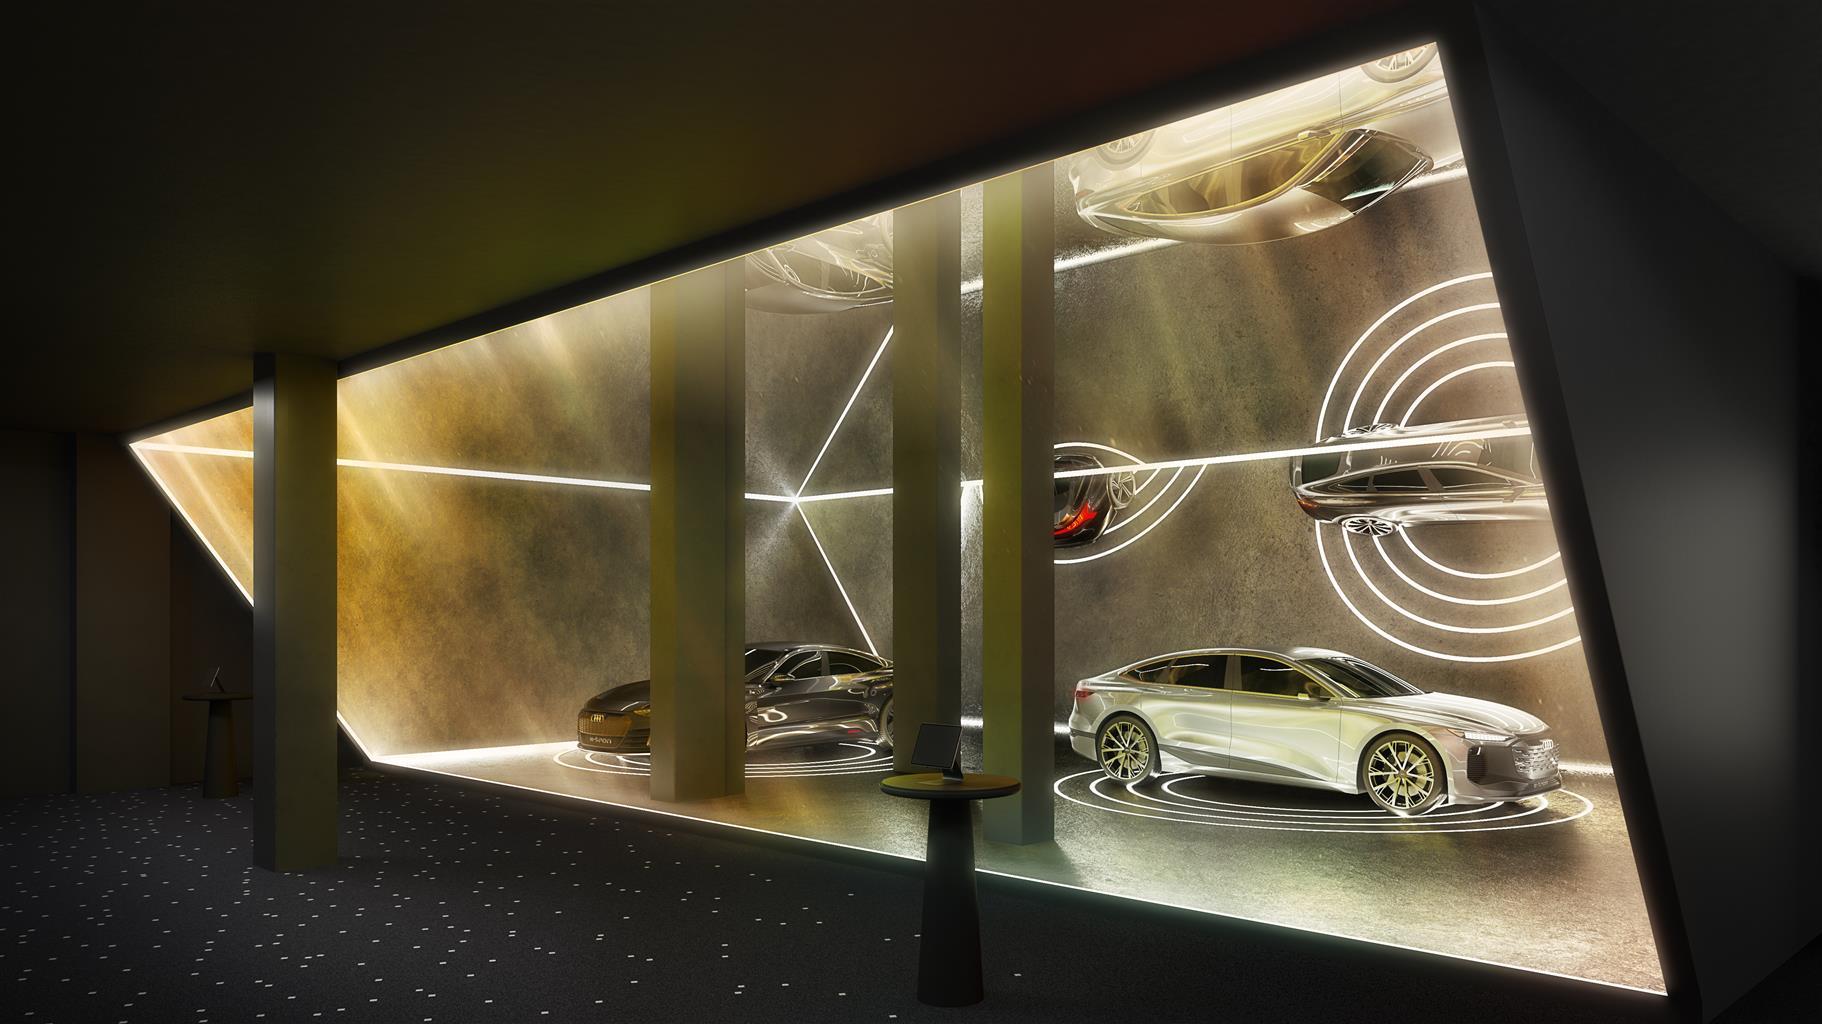 media-MW_Audi_Enlightening_The_Future_Banner_Teaser_2021_VGI U.O. Responsabile VA-5 Data di Creazione 02.09.2021 Classe 9.1 (2)